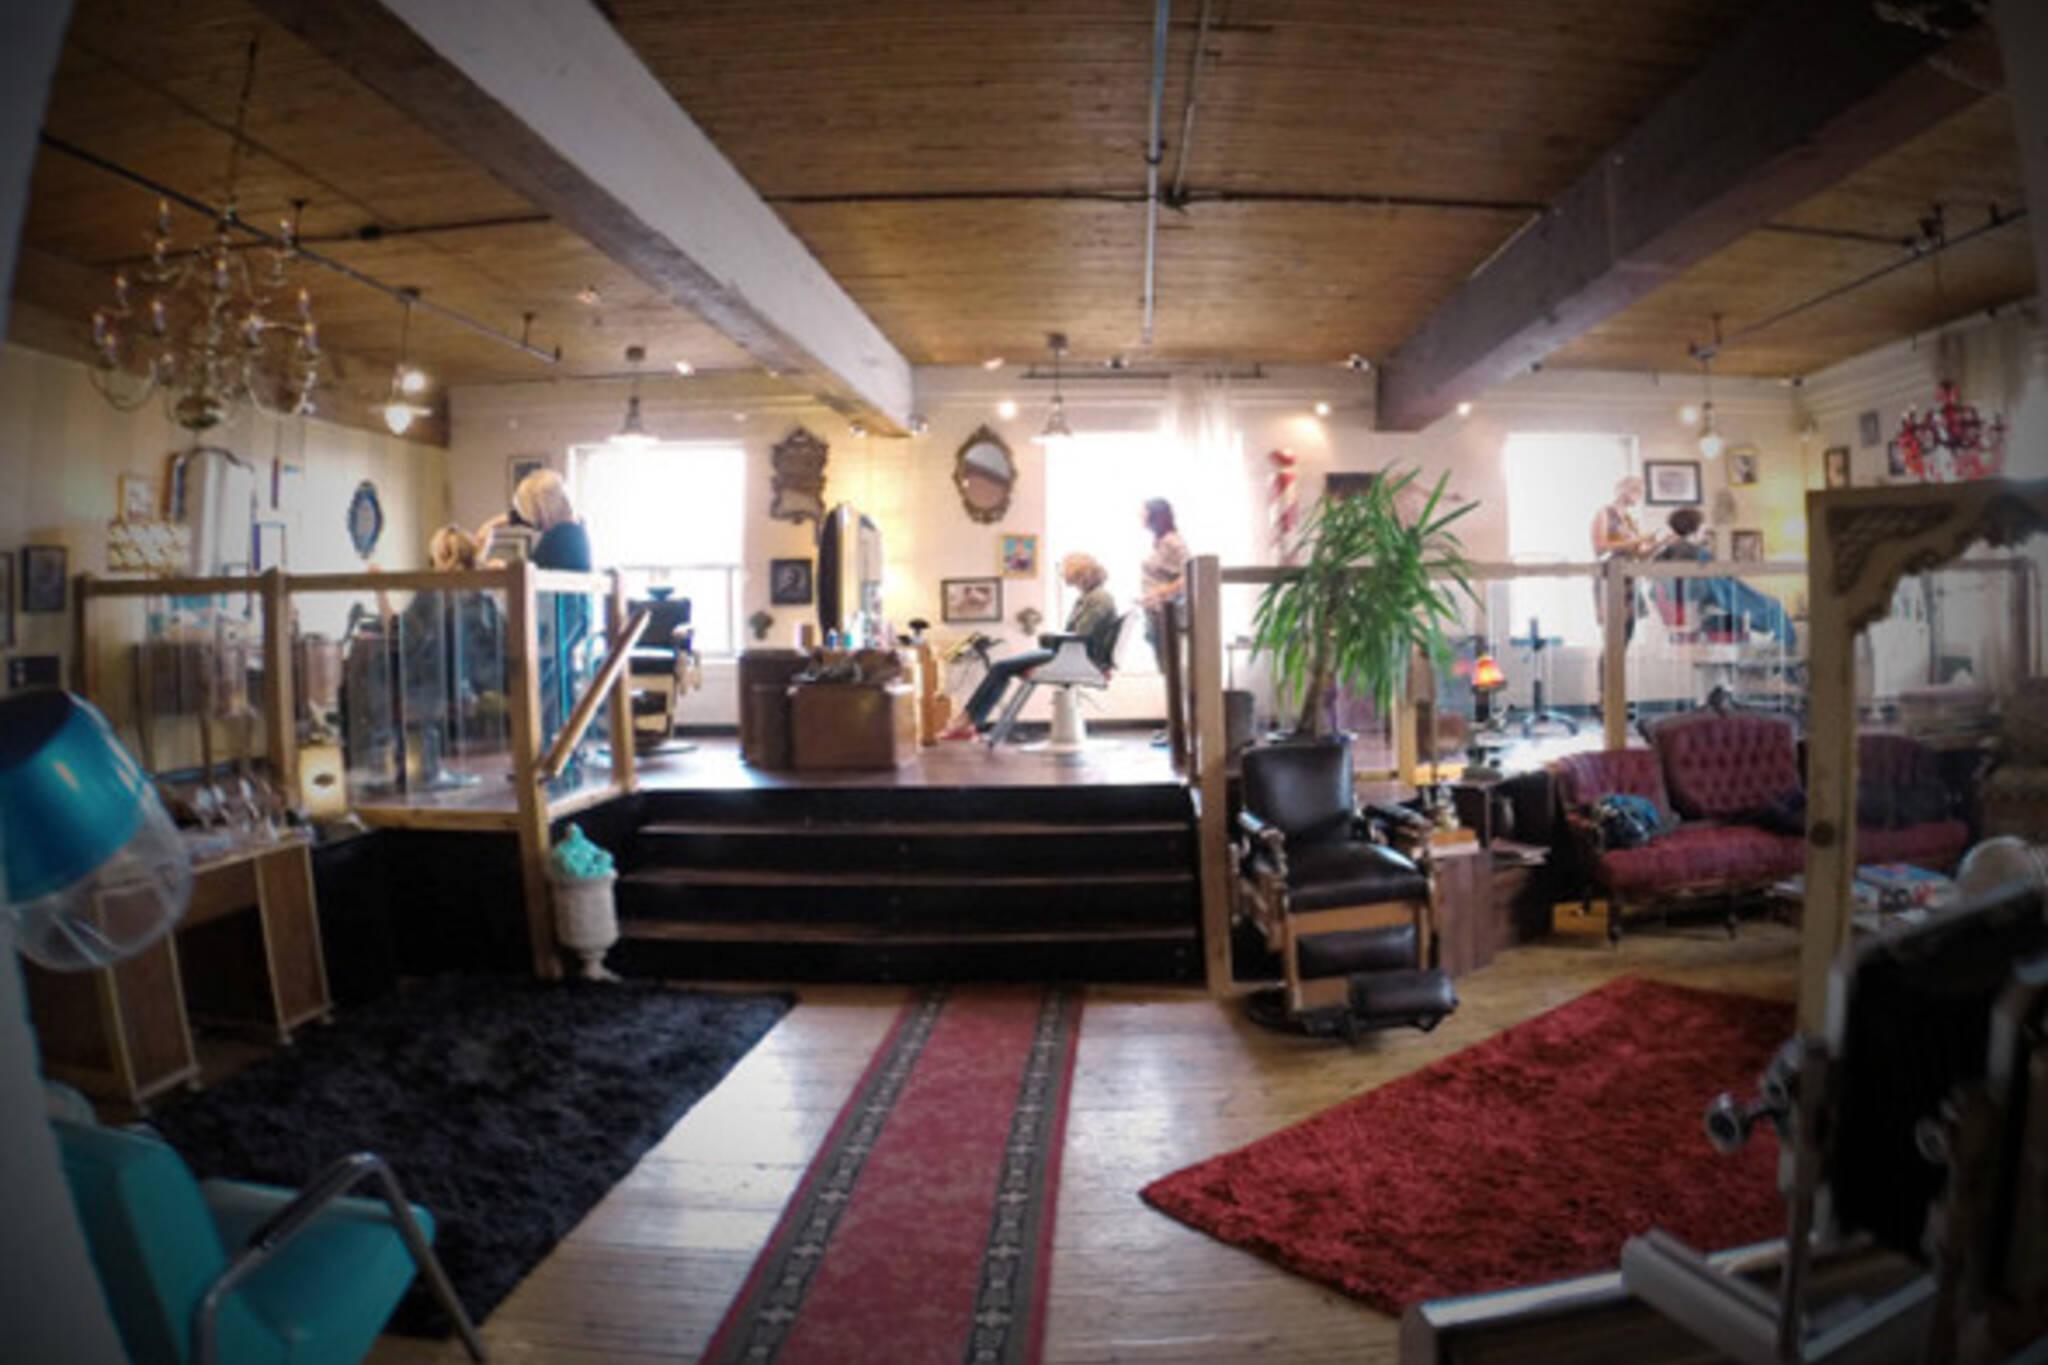 Strut Studio